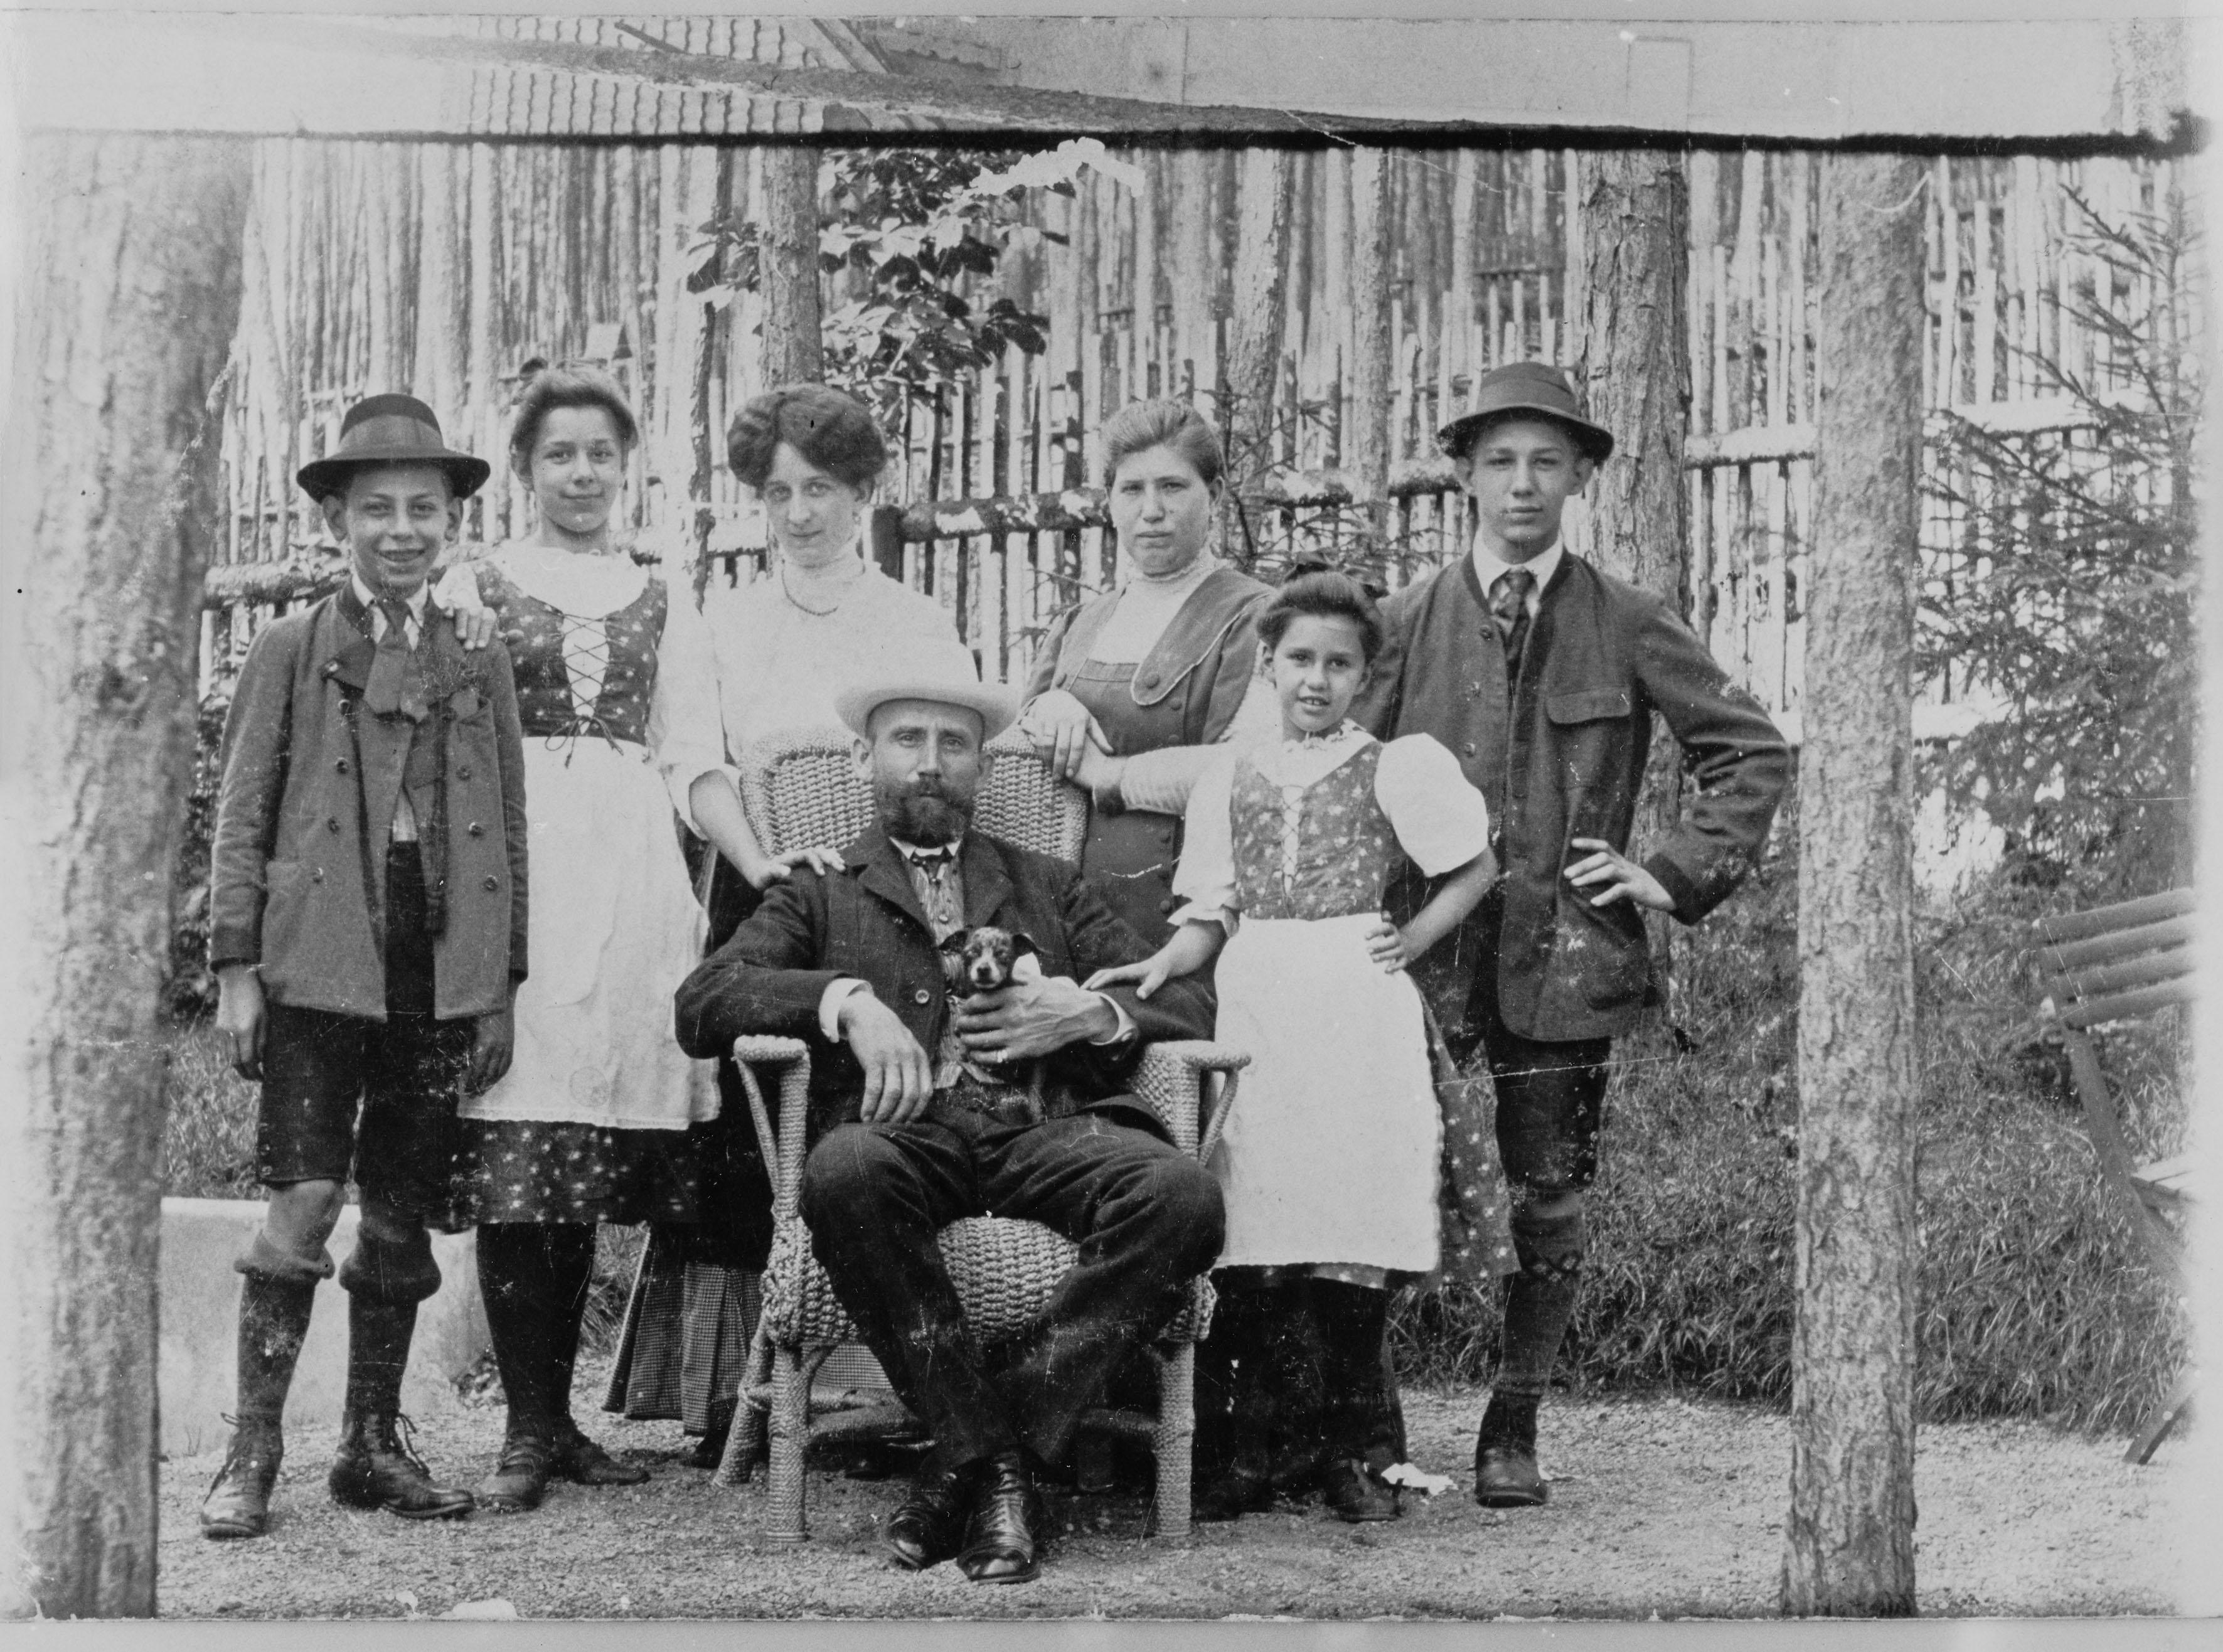 Familie Hauer, ca. 1910. Ganz links: Leopold Hauer; sitzend in der Mitte: Franz Hauer